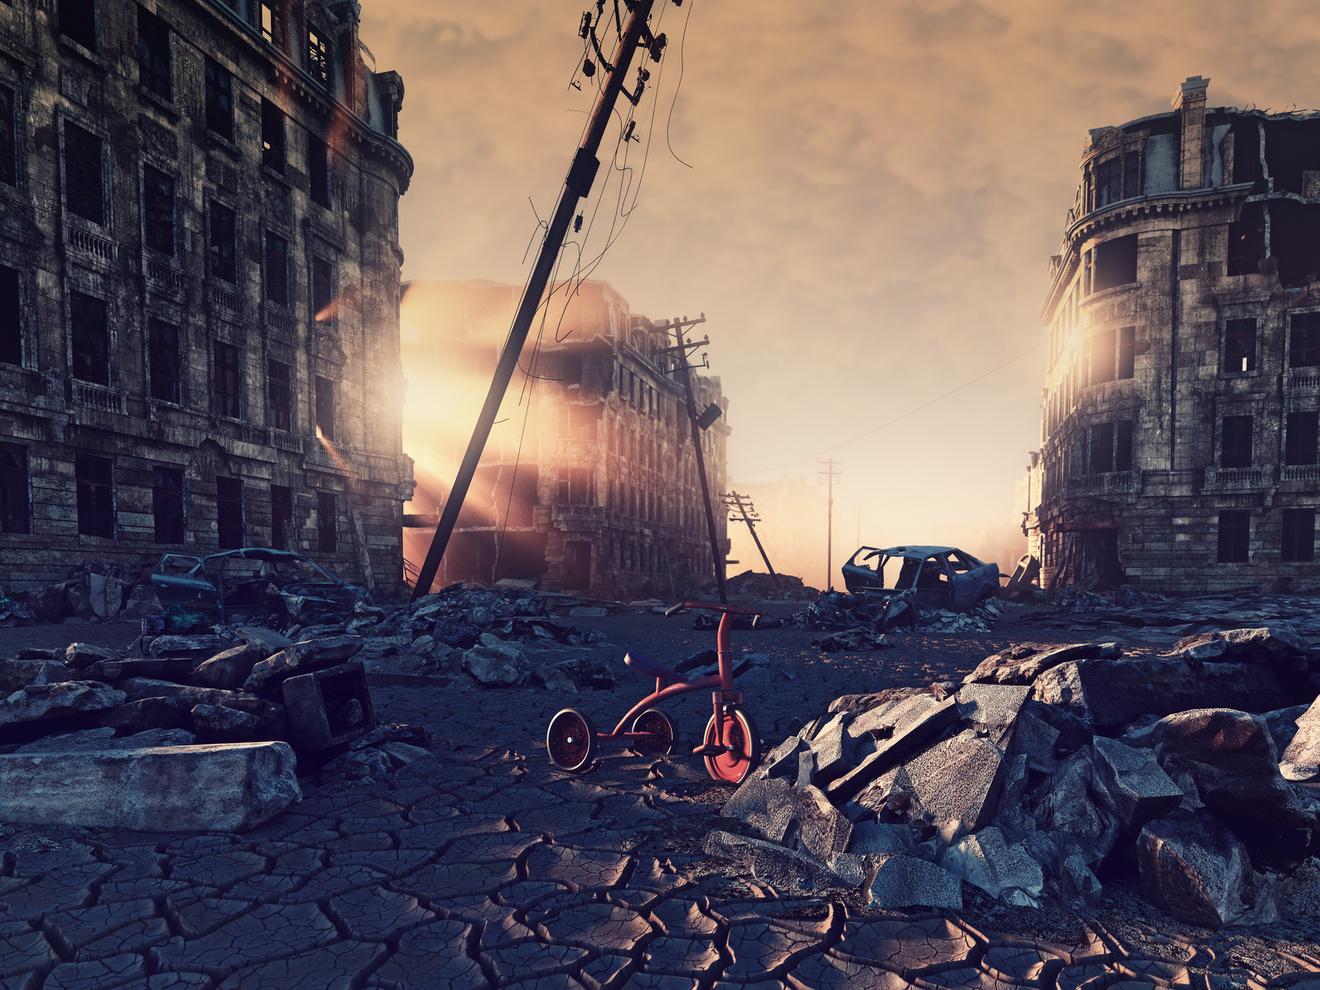 小説『移動都市』が面白い!シリーズ全編ネタバレ解説!異色のファンタジー